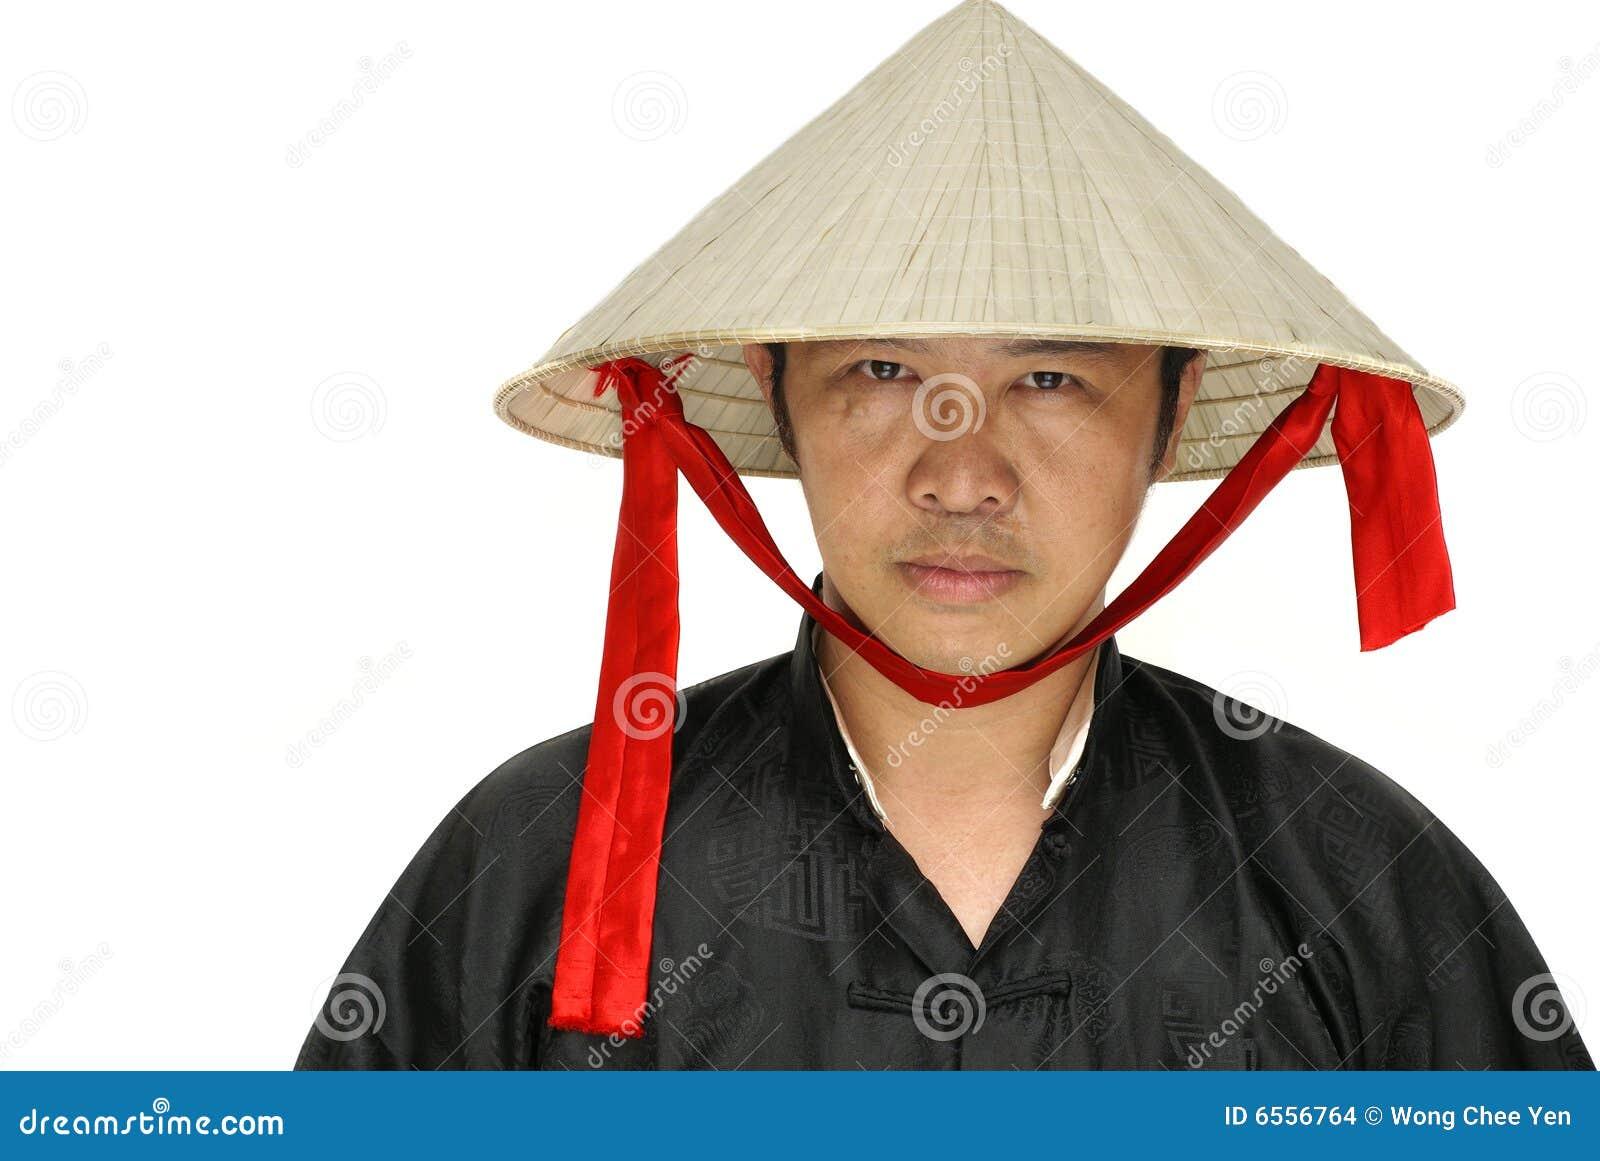 Головной убор китайского своими руками